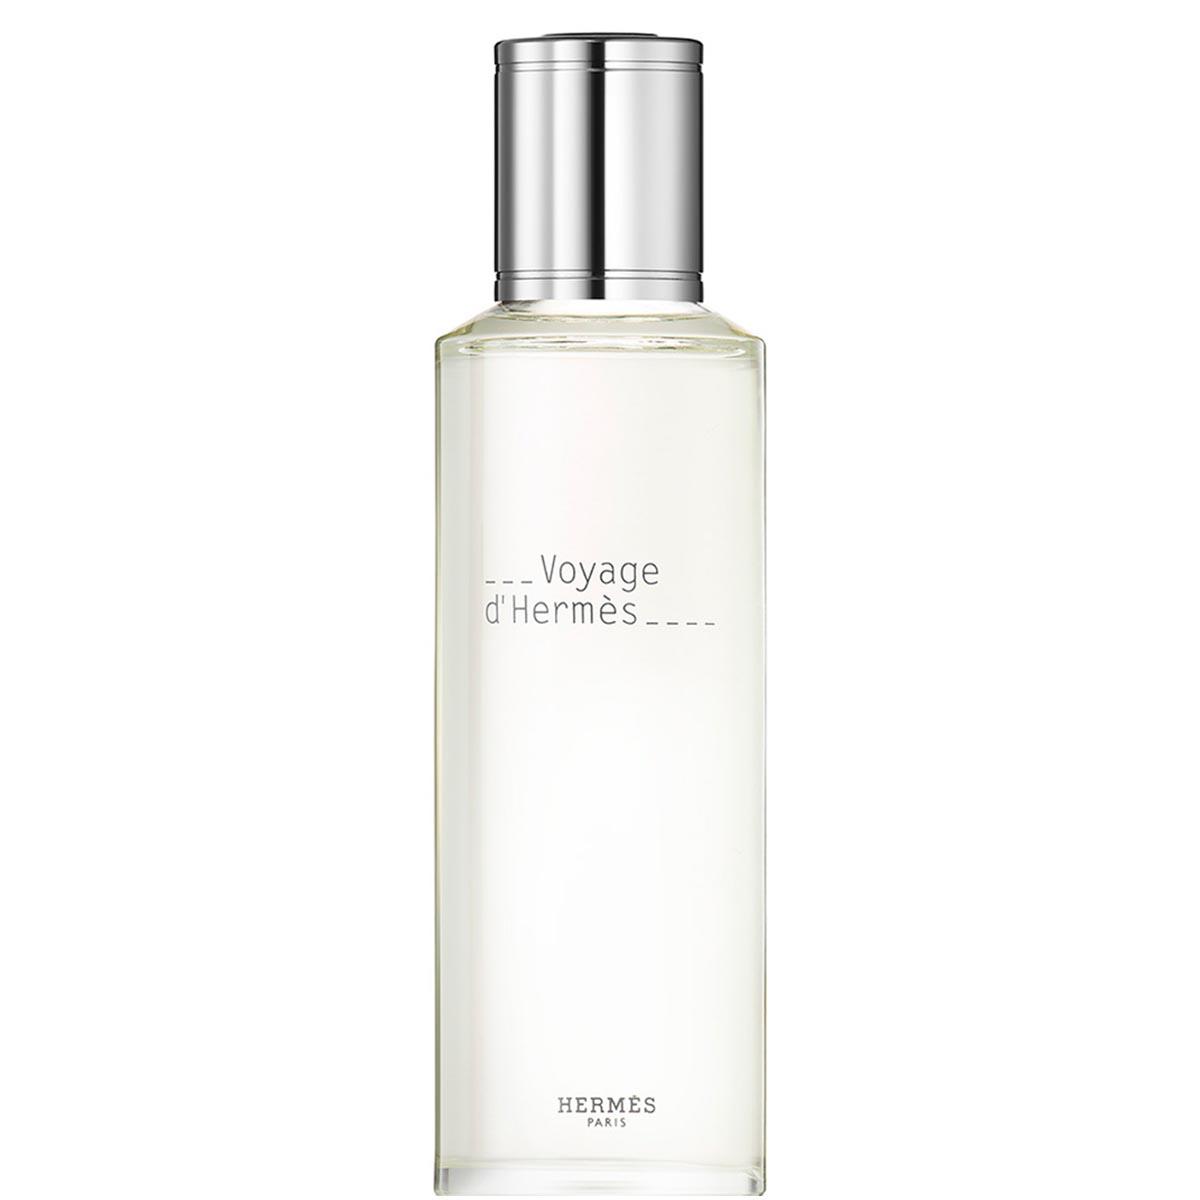 Hermes paris voyage d hermes perfume 125ml recarga